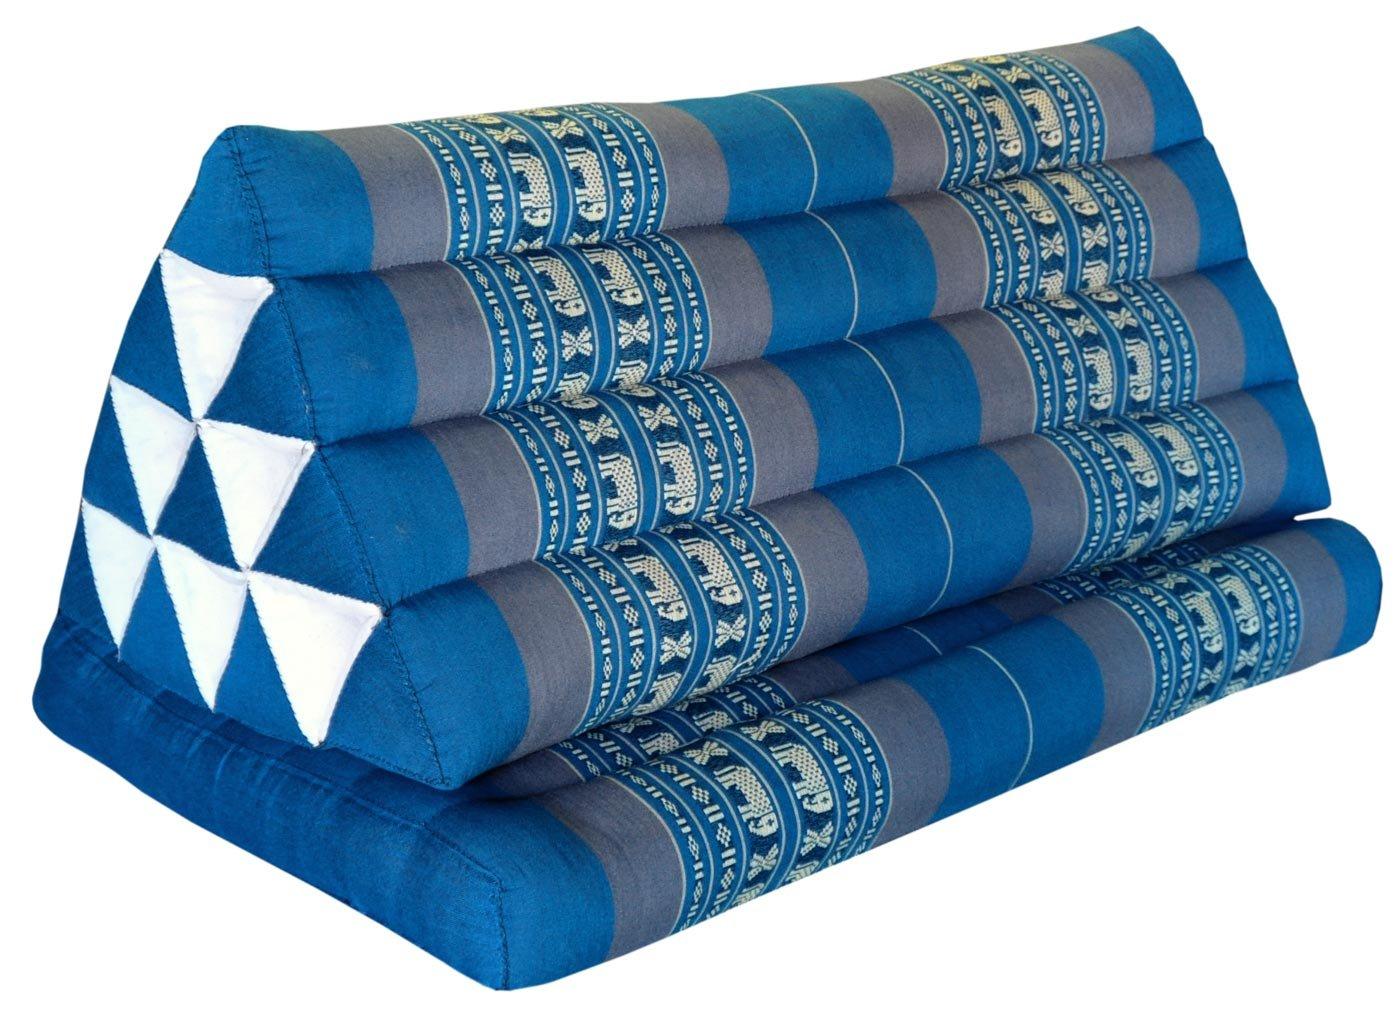 Wilai Kapok Thaikissen, Yogakissen, Massagekissen, Kopfkissen, Tantrakissen, Sitzkissen - blau/dunkelgrau Elefant (Kissen mit einer Auflage XXL 79x39x46 (81716))